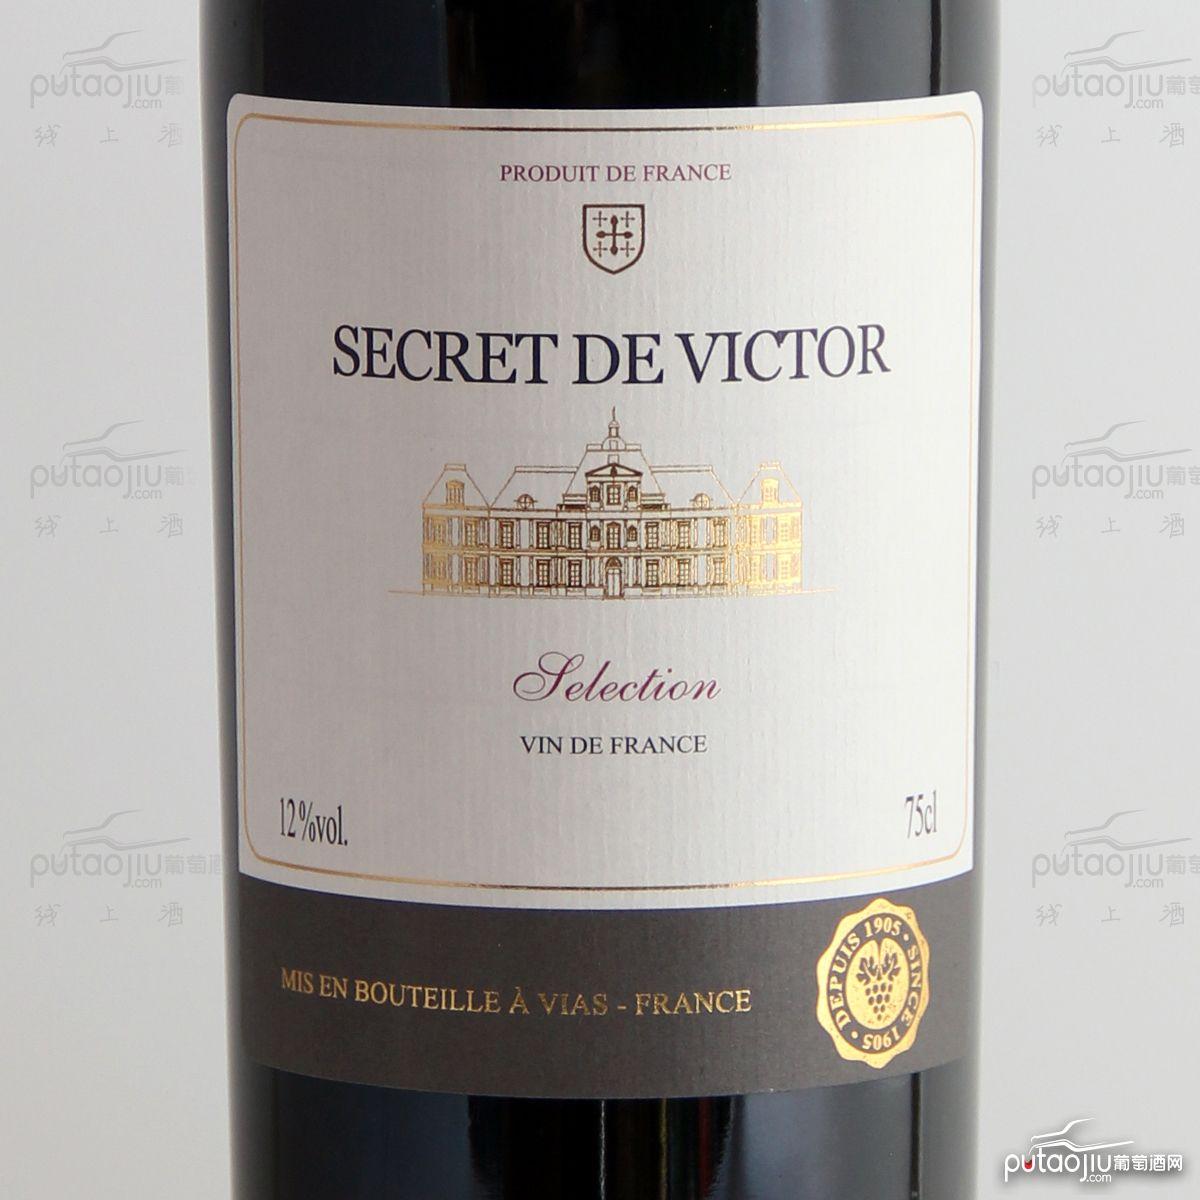 法国朗格多克鲁西荣Les Domaine Robert Vic酒庄混酿维克多的秘密珍藏VDF干红葡萄酒